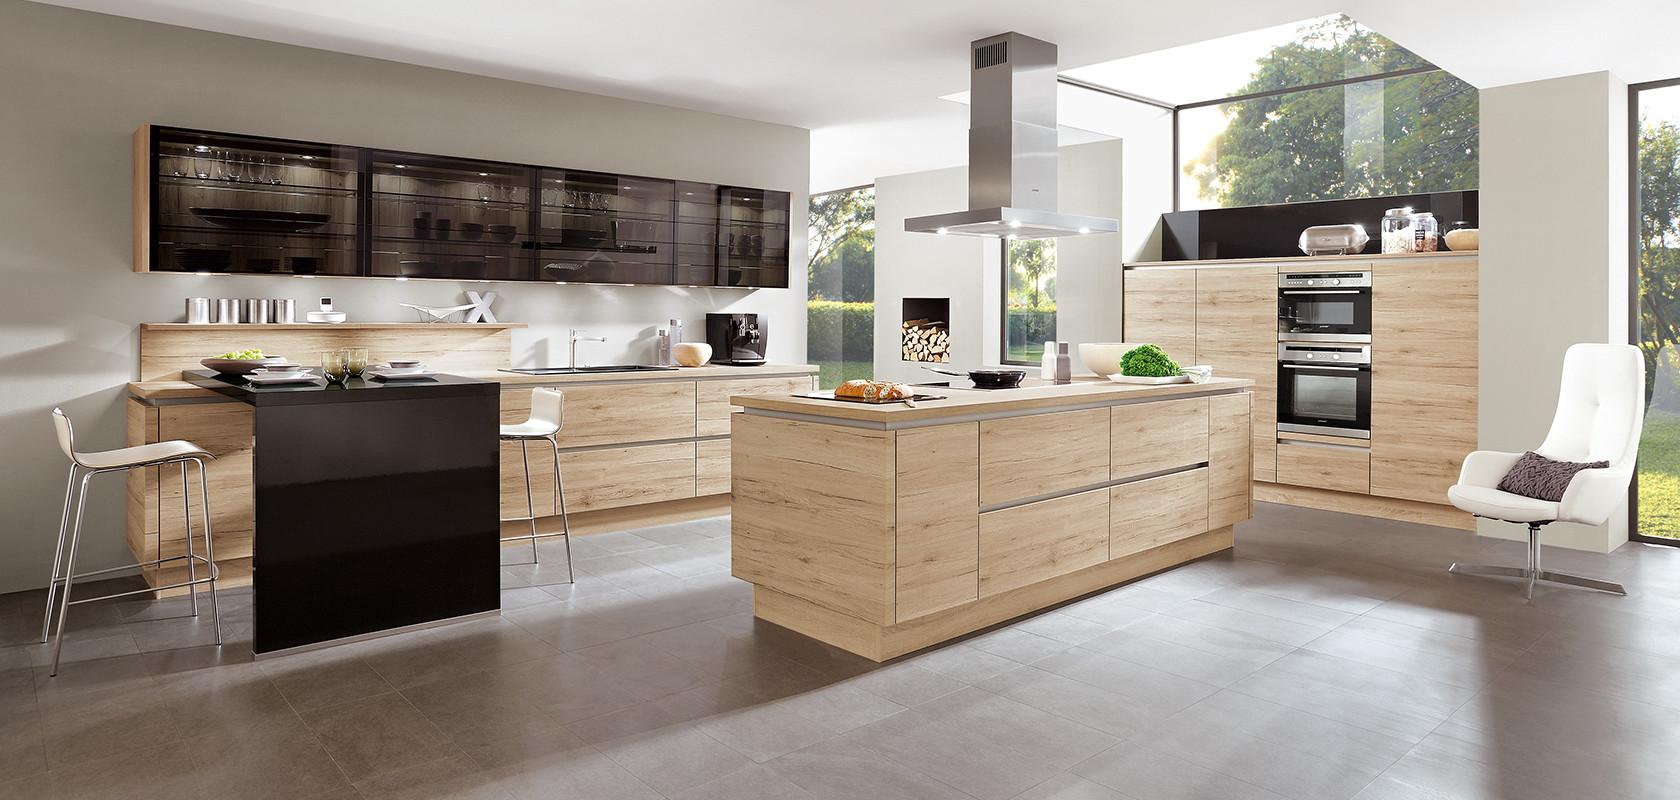 Full Size of Nobilia Wandabschlussleiste Küche Einbauküche Wohnzimmer Nobilia Wandabschlussleiste